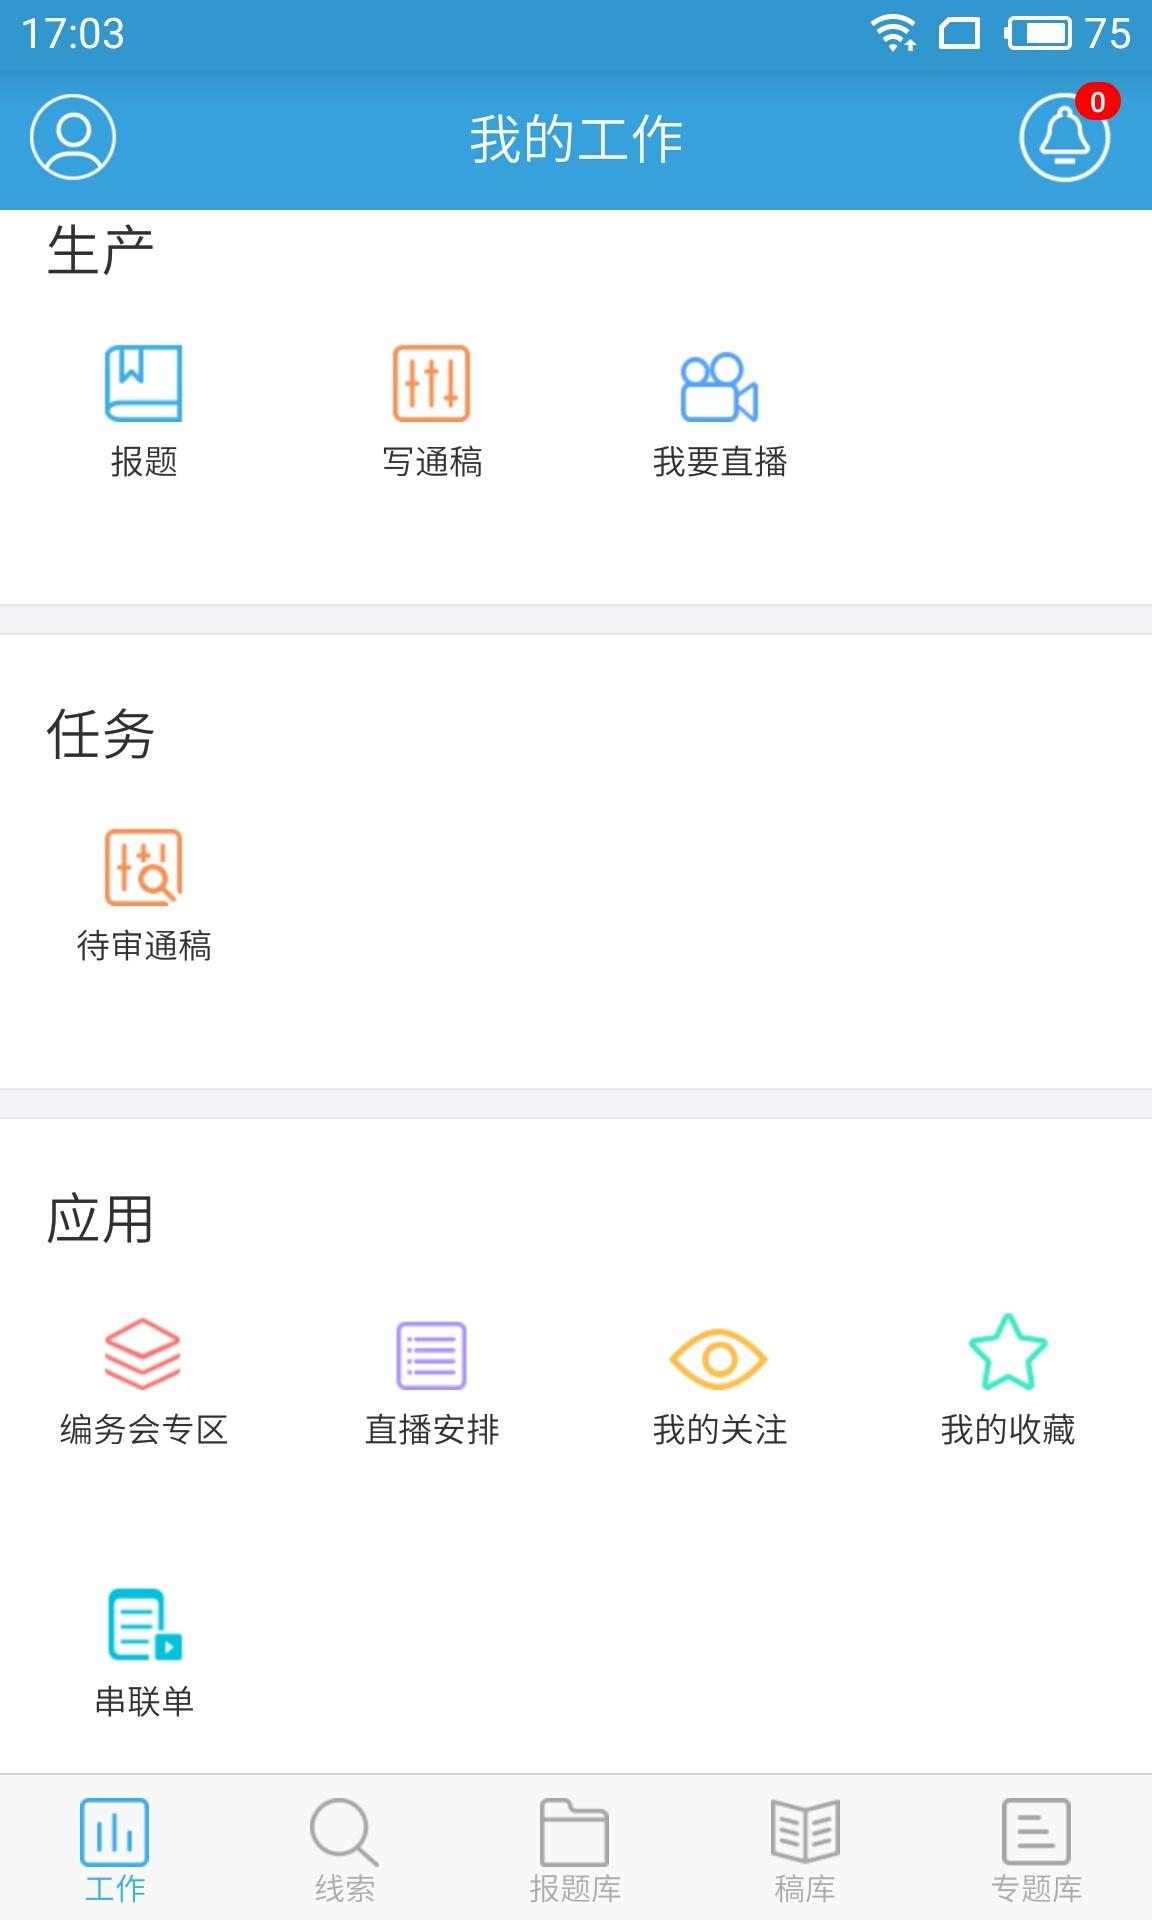 广播云采编软件截图4